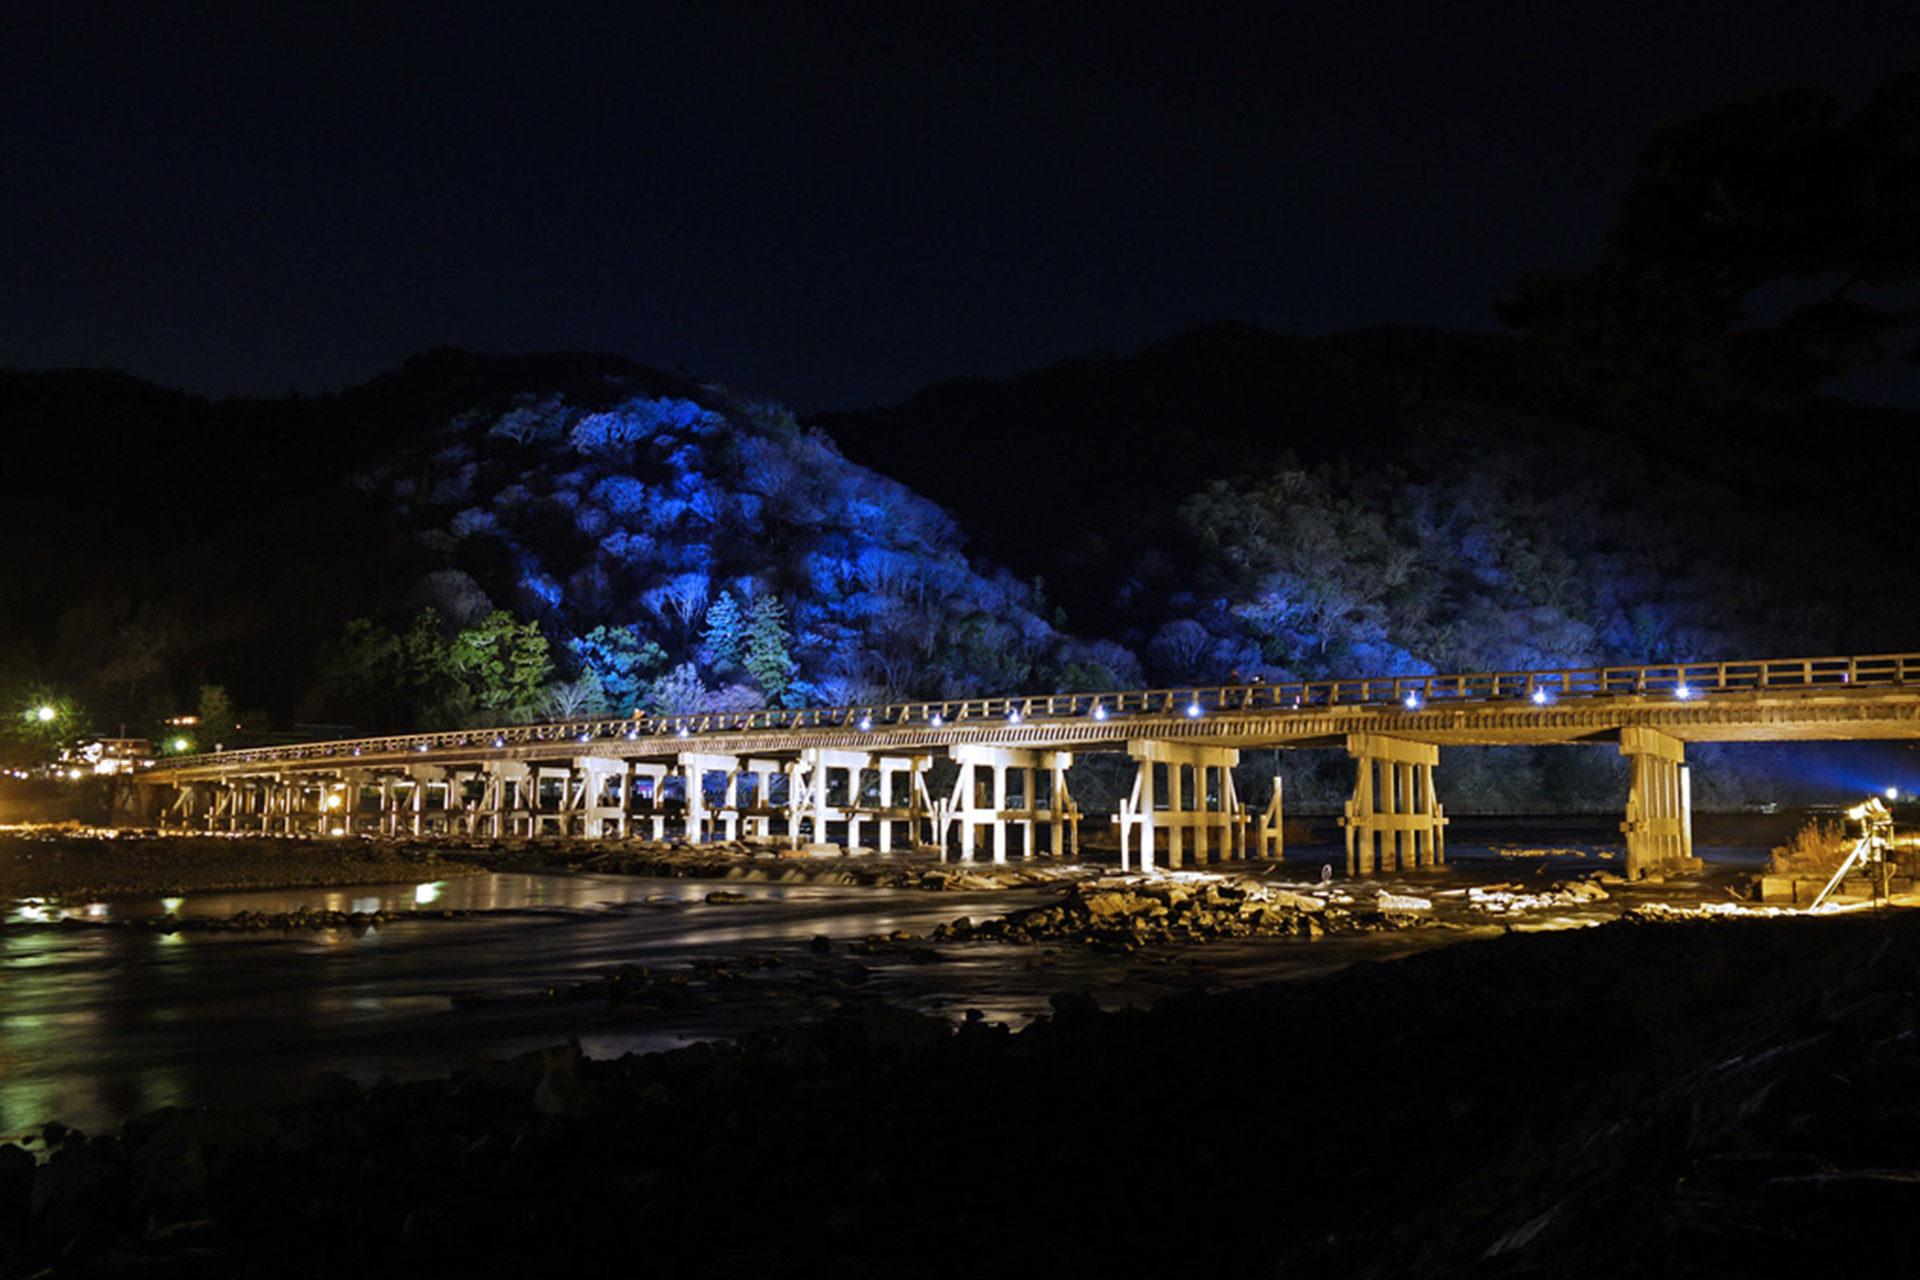 渡月橋雪ライトアップ